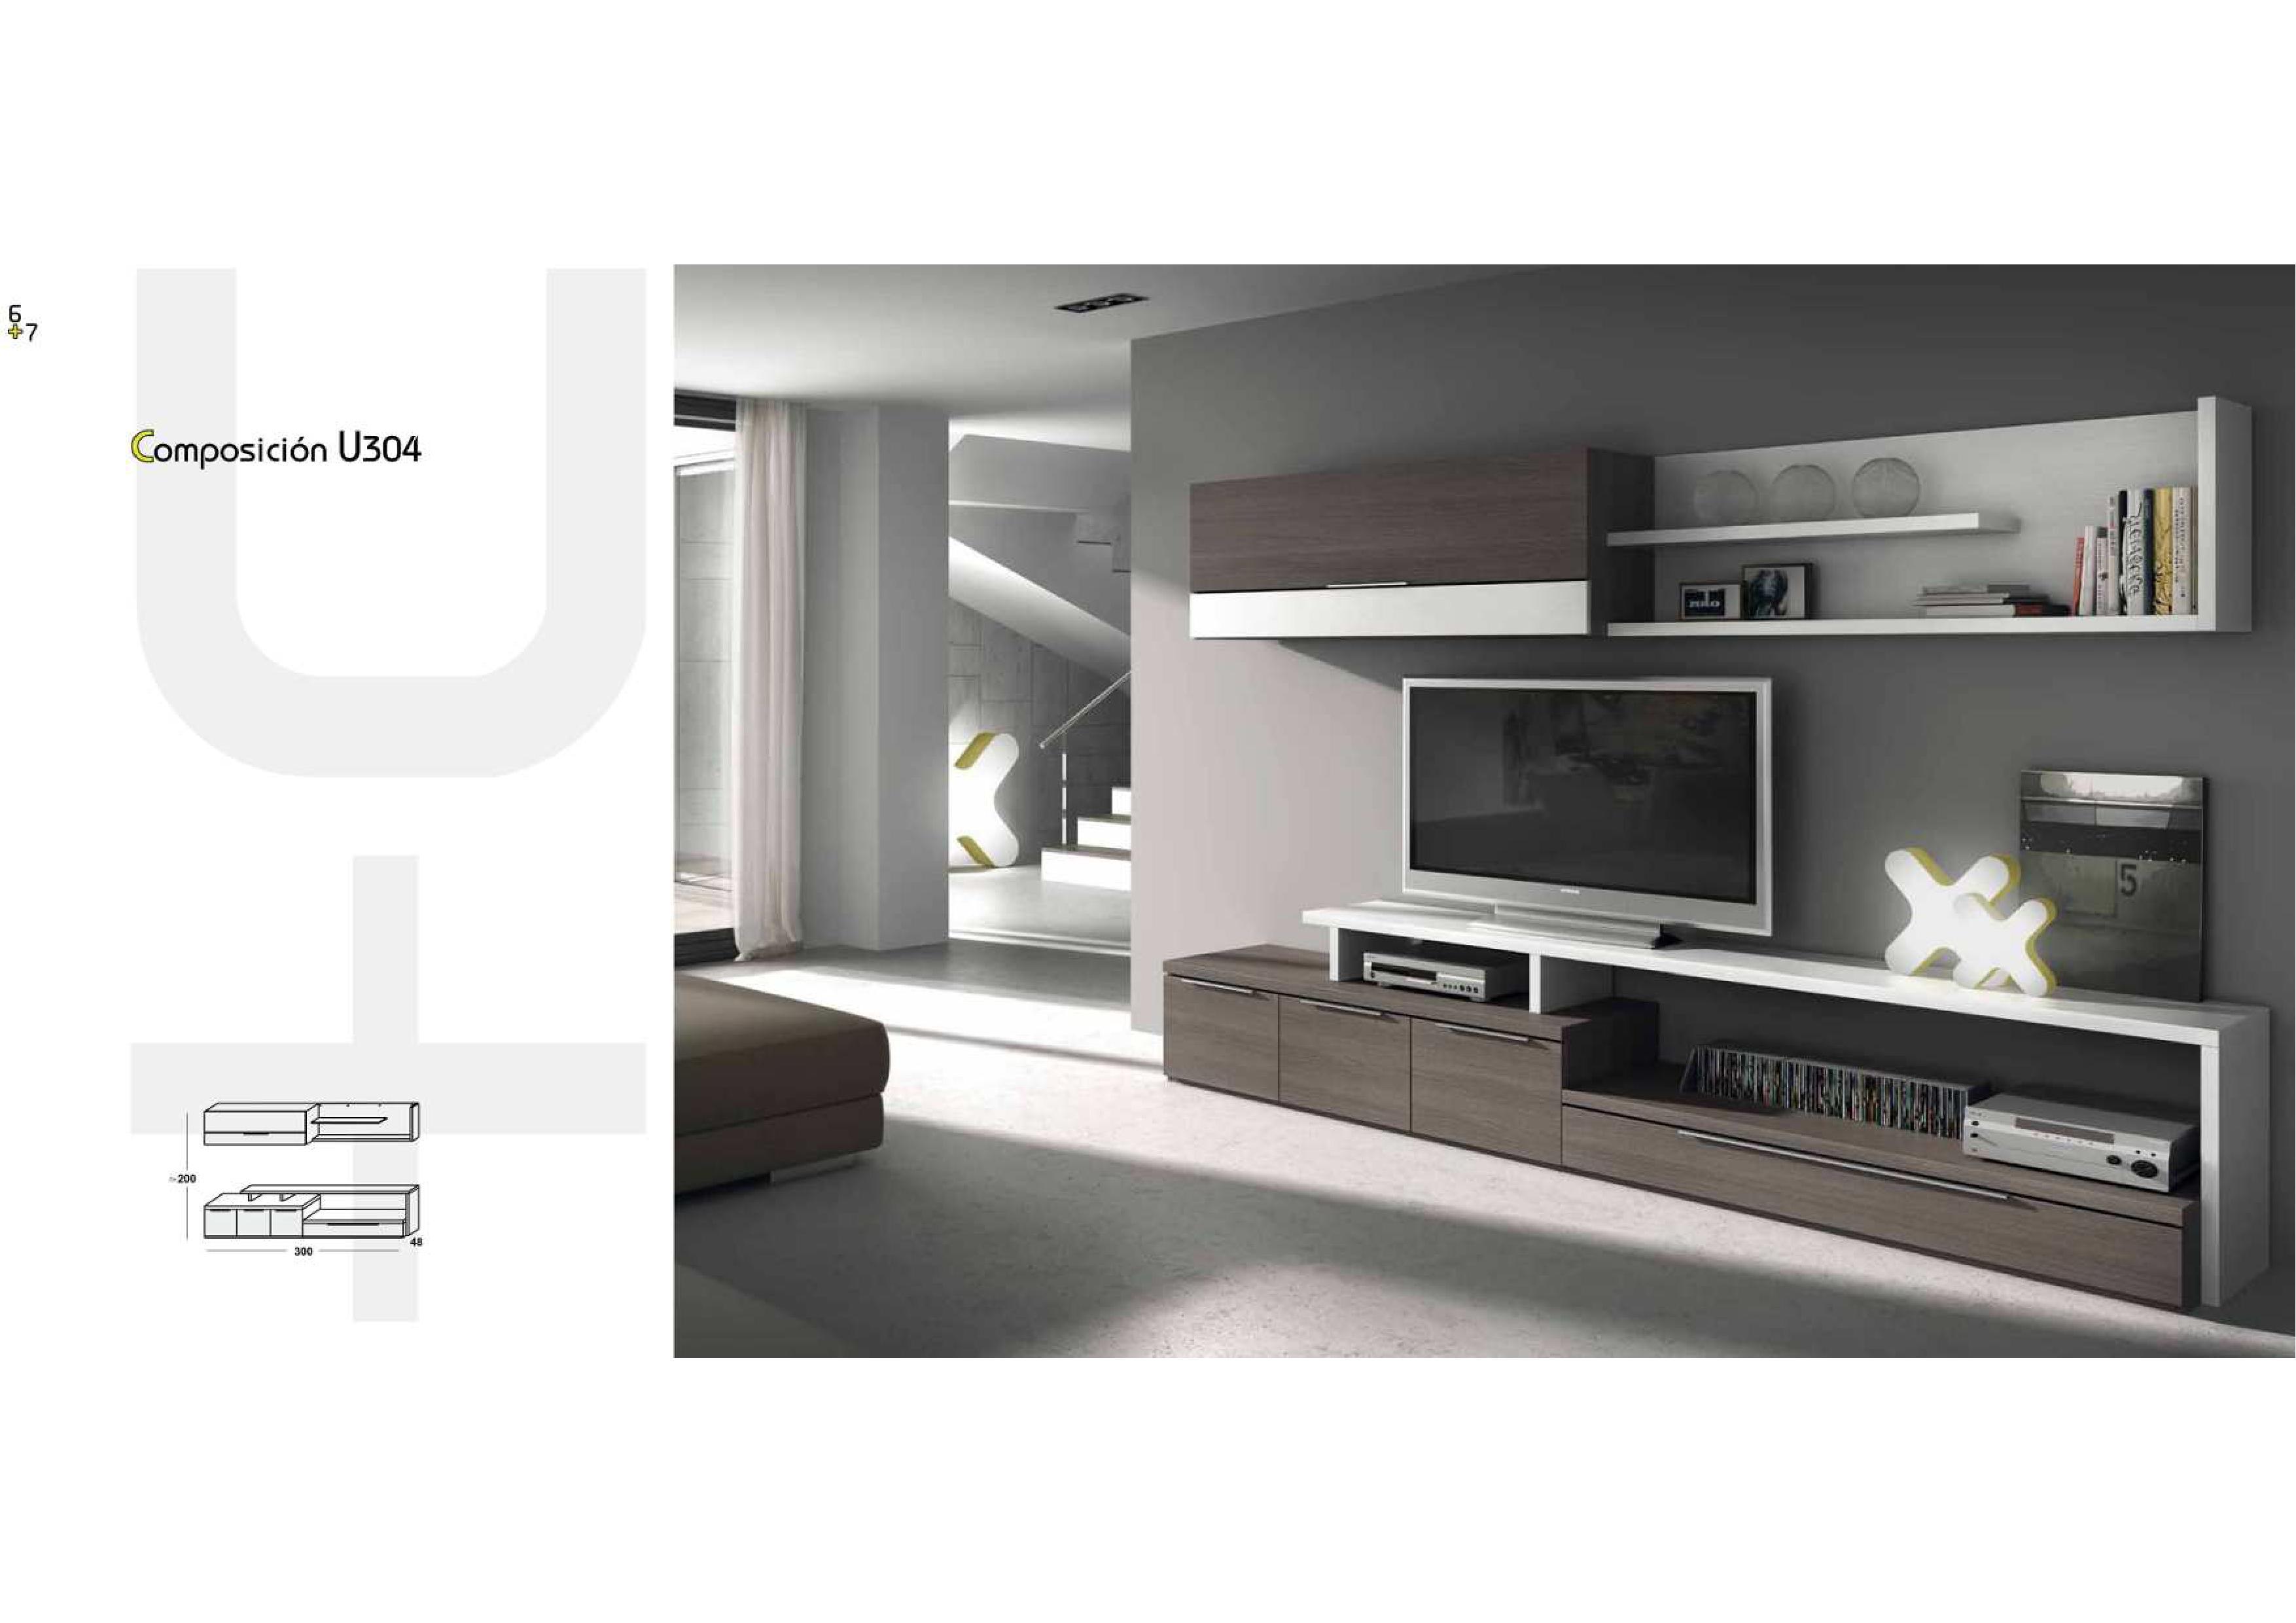 Salones y comedores modernos salcedo muebles for Quiero ver comedores modernos